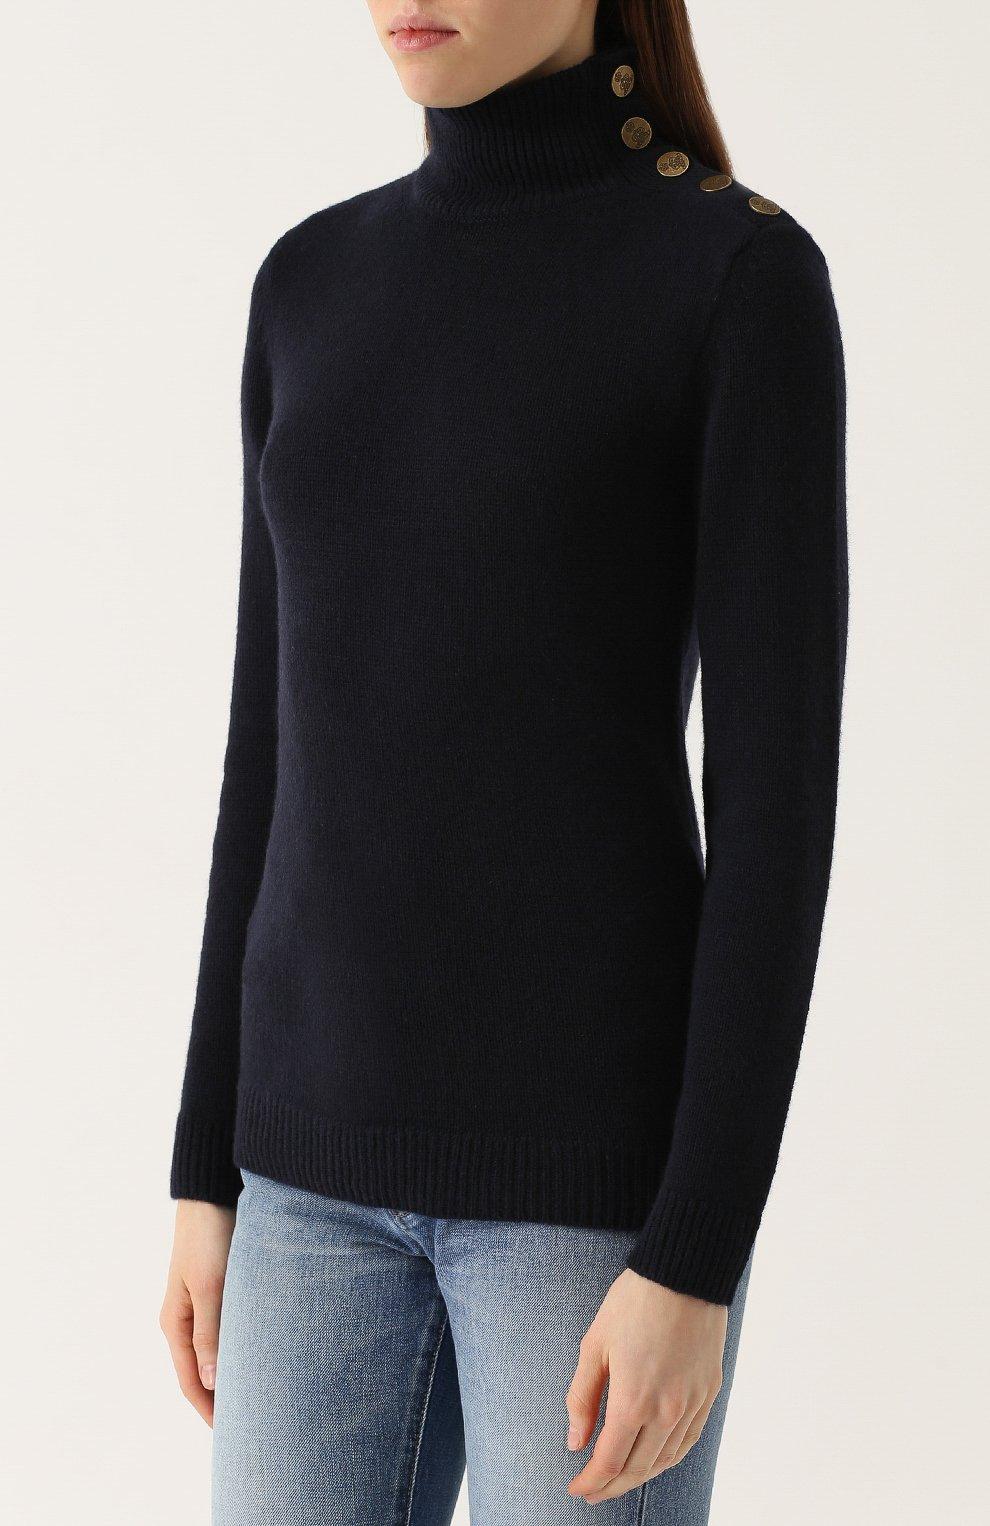 Женский свитер ralph lauren с доставкой